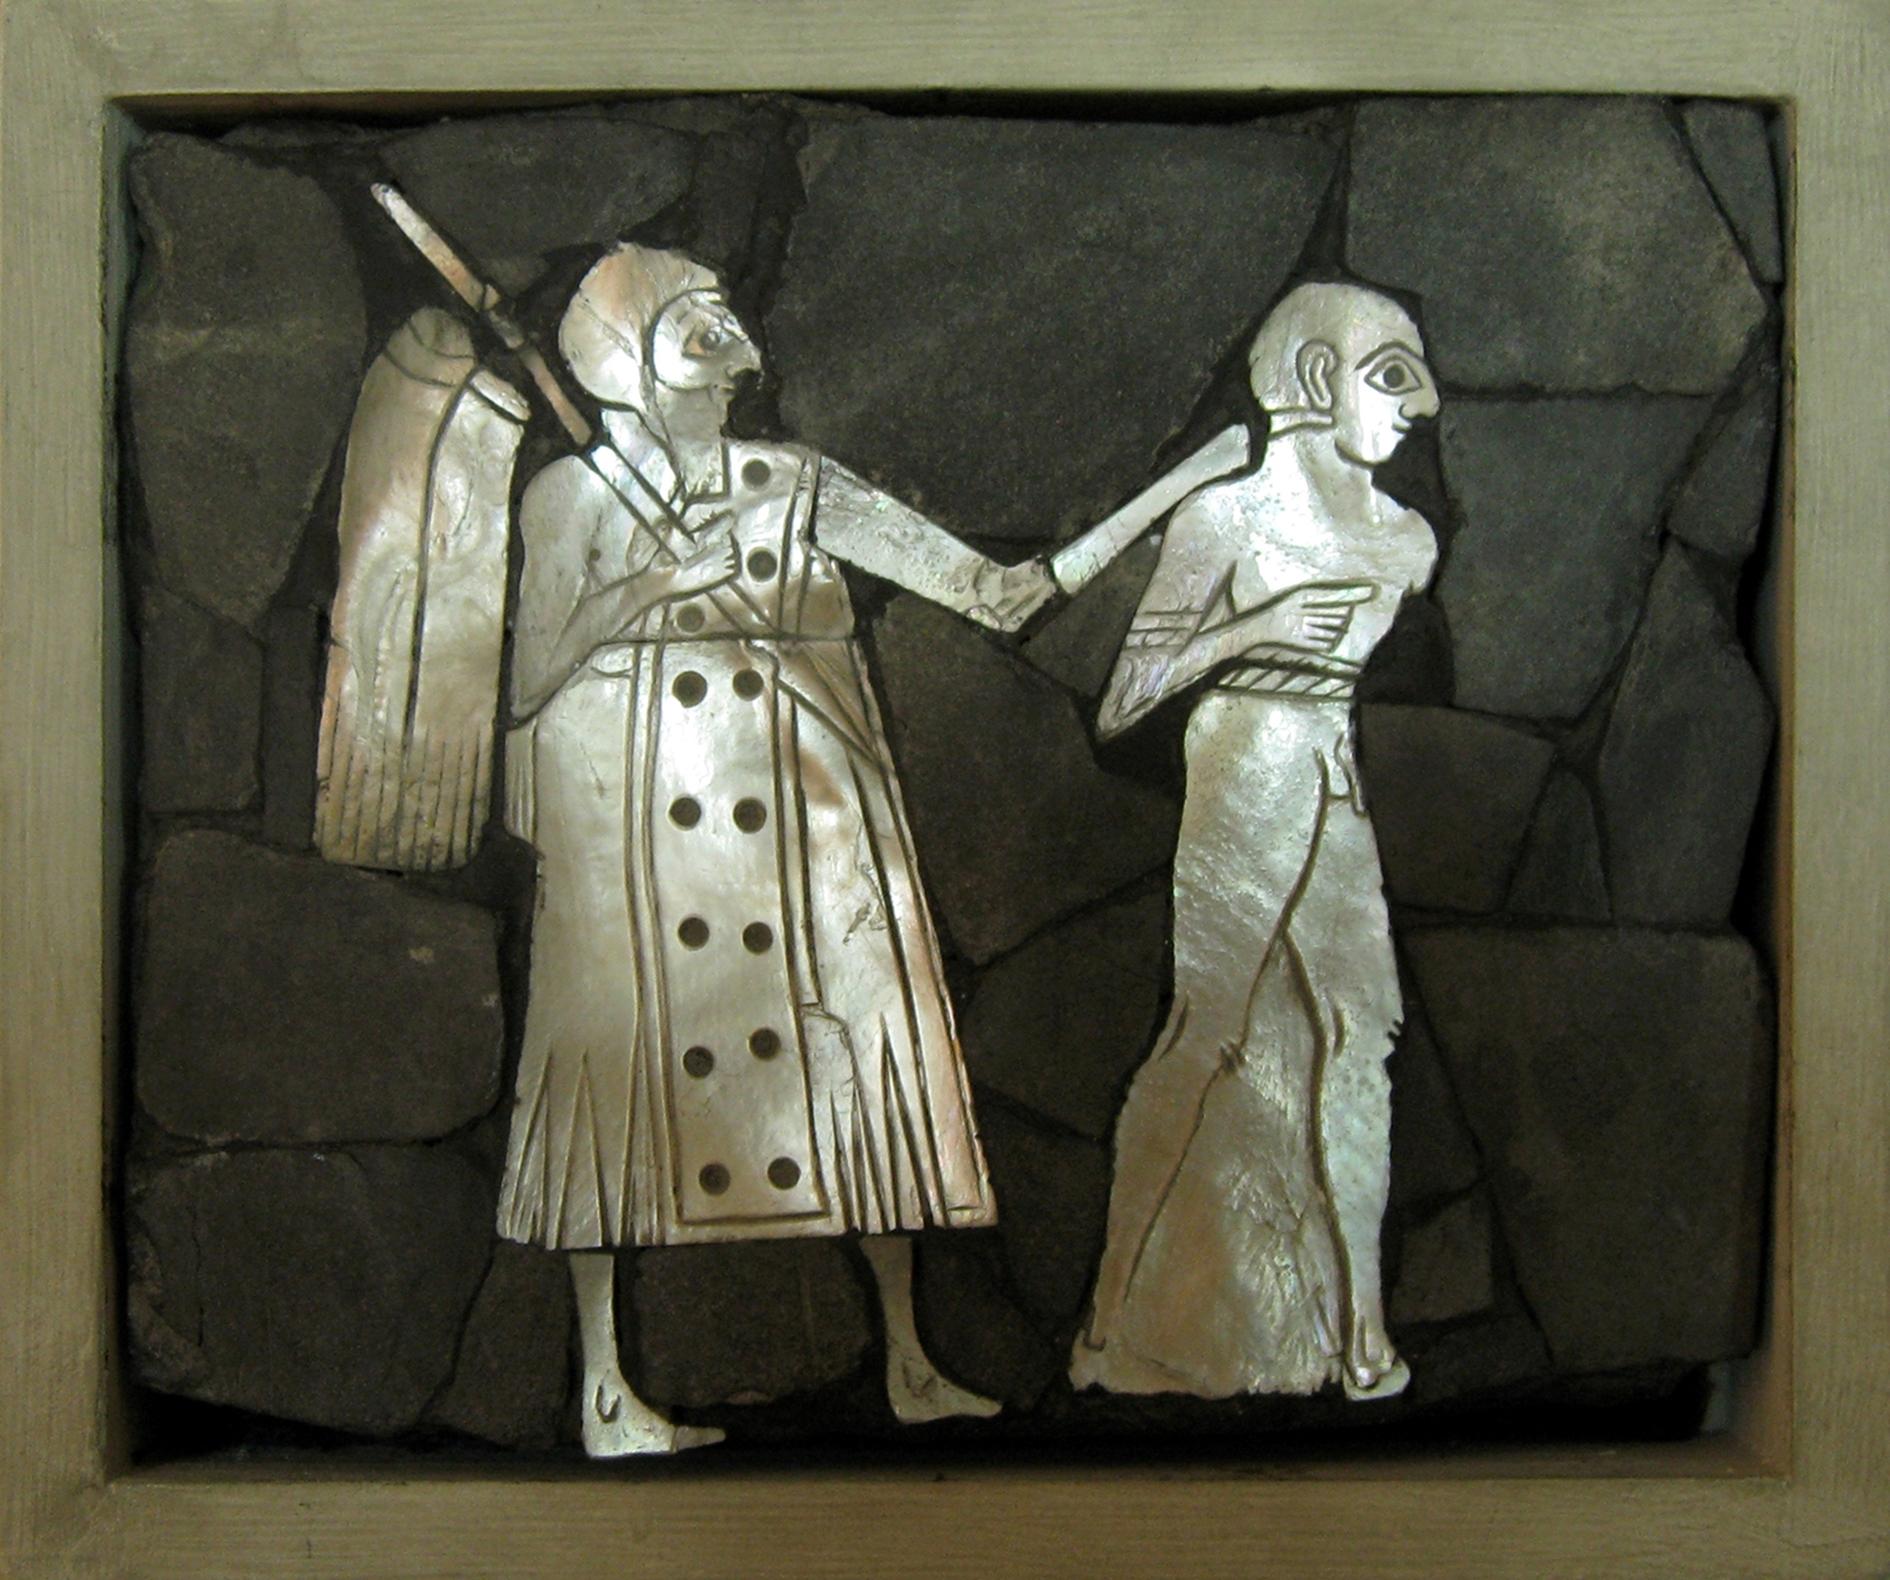 Figure 4 : représentation d'un soldat conduisant un prisonnier par le cou, retrouvés dans le palais de Mari (coquille nacrée, schiste, bitume, bois ; ht. 12,4 cm ; l. 13,7 cm ; musée d'Alep, no d'inv. 1968) © B. Couturaud 2009.